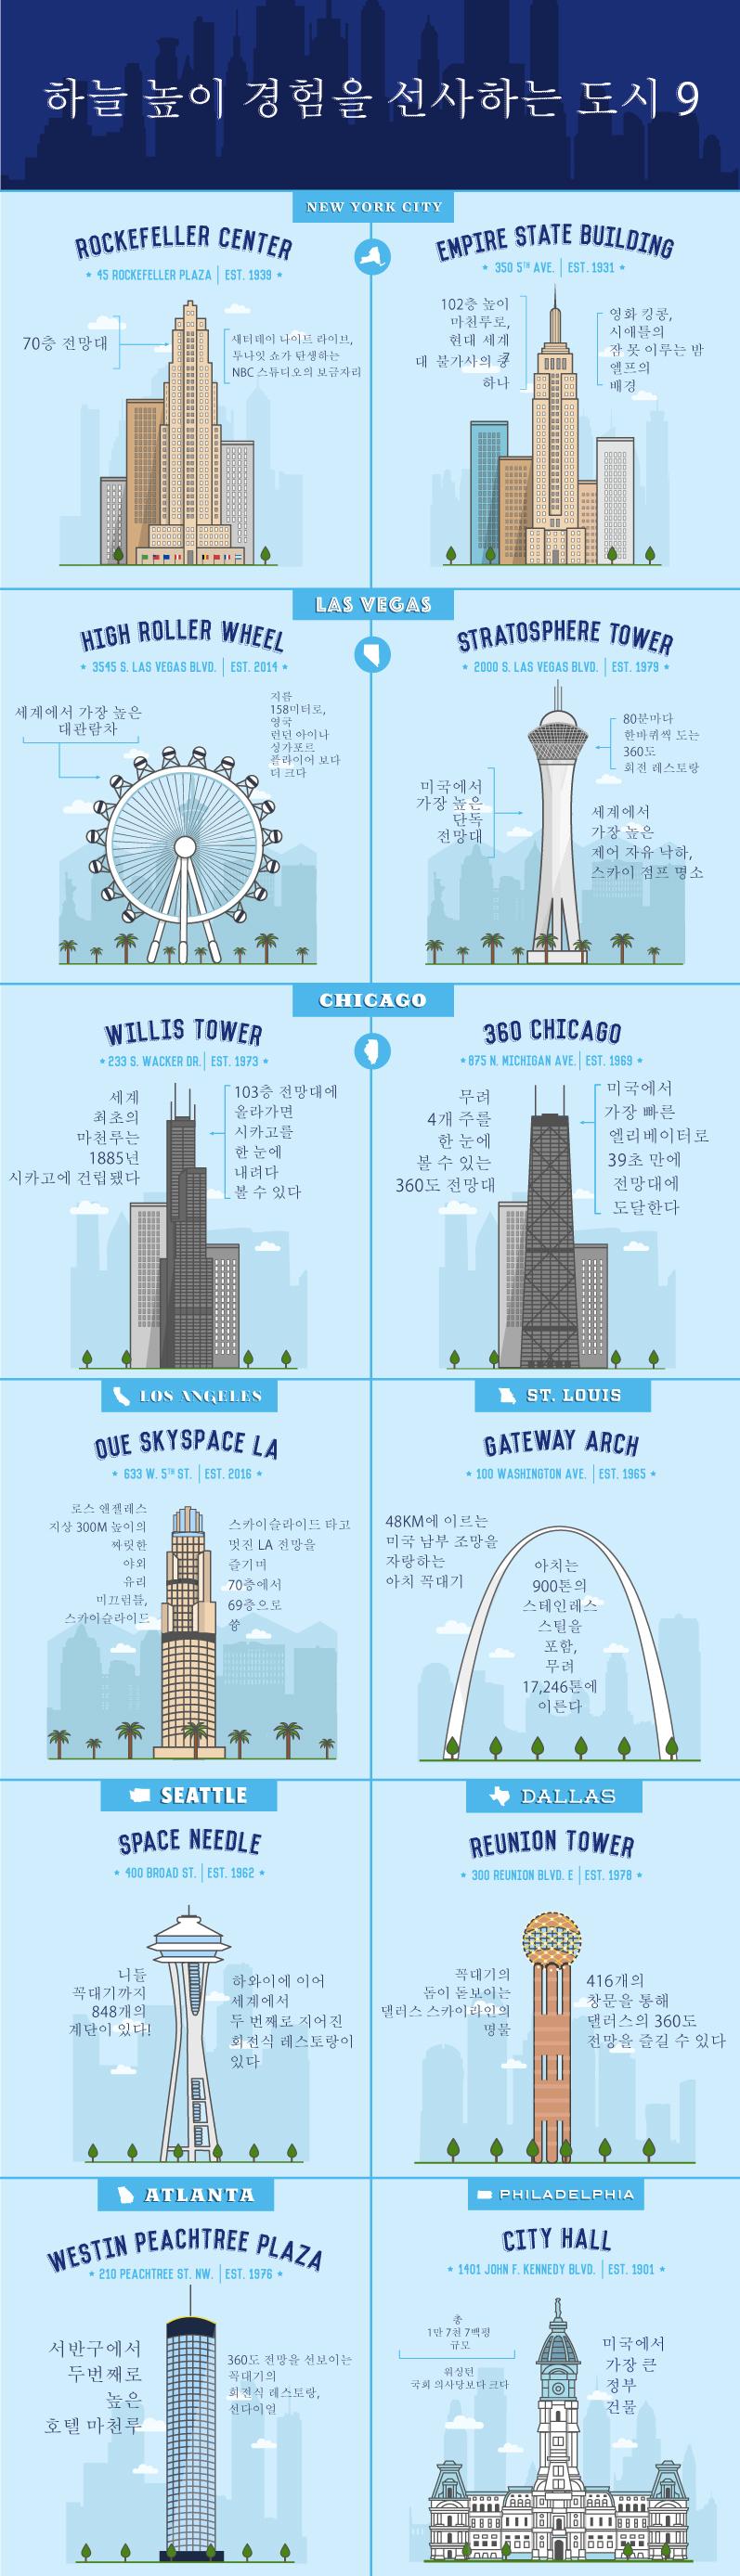 미국 내 9 개의 마천루 고층 건물을 보여주는 인포 그래픽